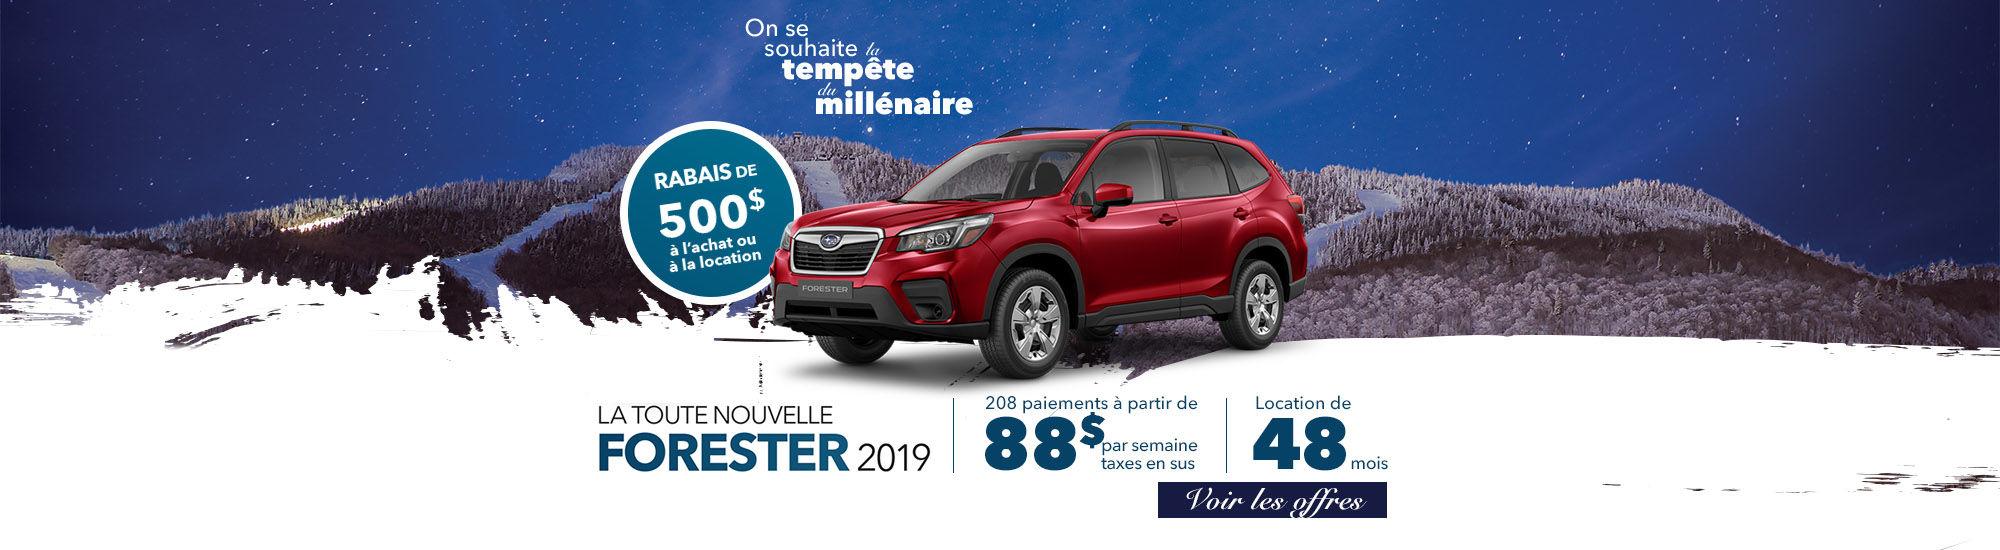 La toute nouvelle Forester 2019 | Subaru